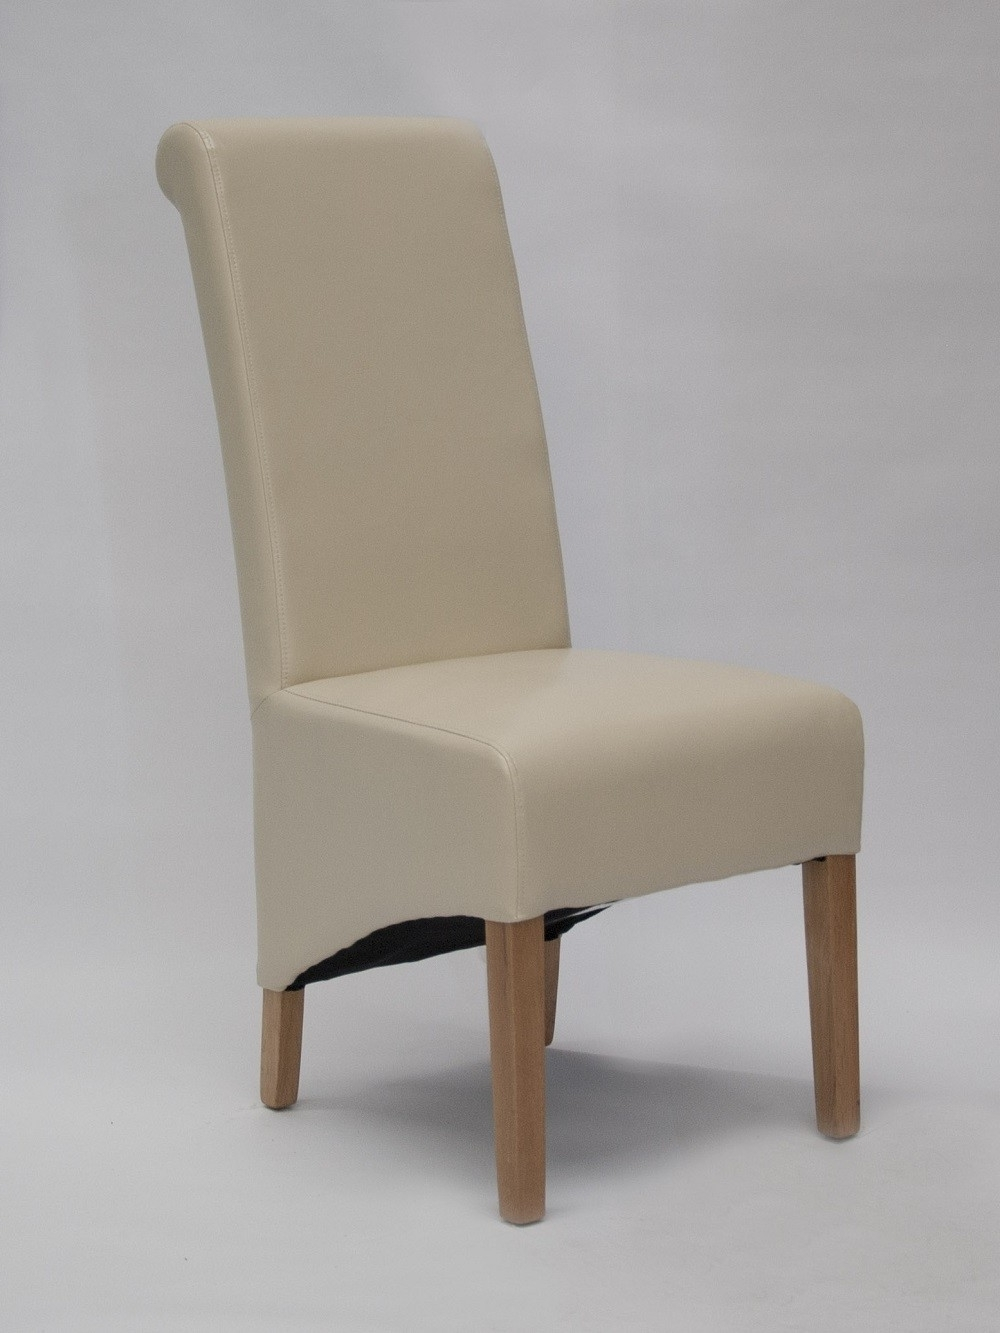 Oak Furniture Uk (View 20 of 25)